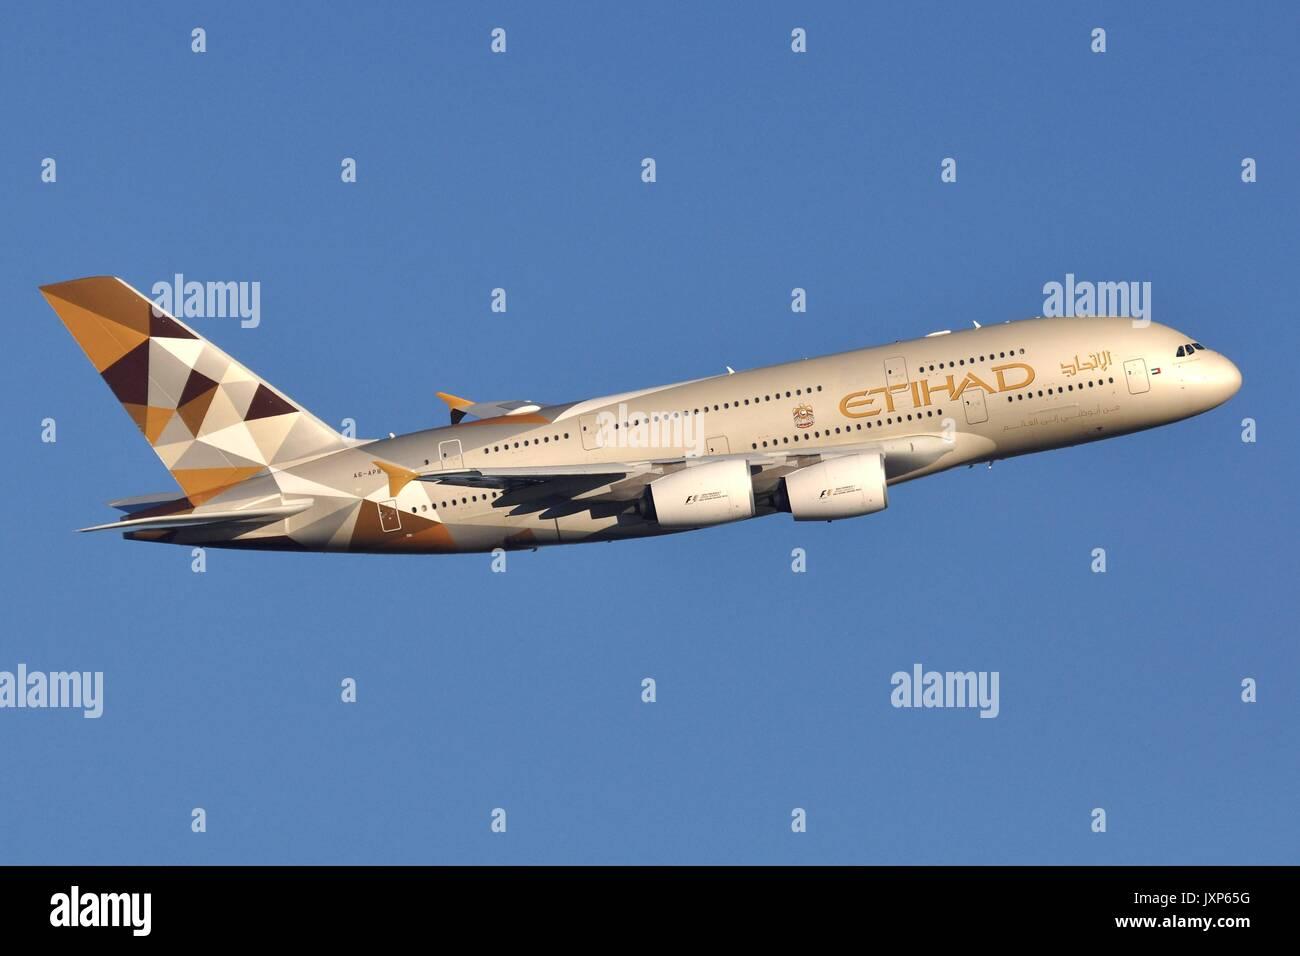 ETIHAD AIRWAYS AIRBUS A380-800 A6-APB - Stock Image